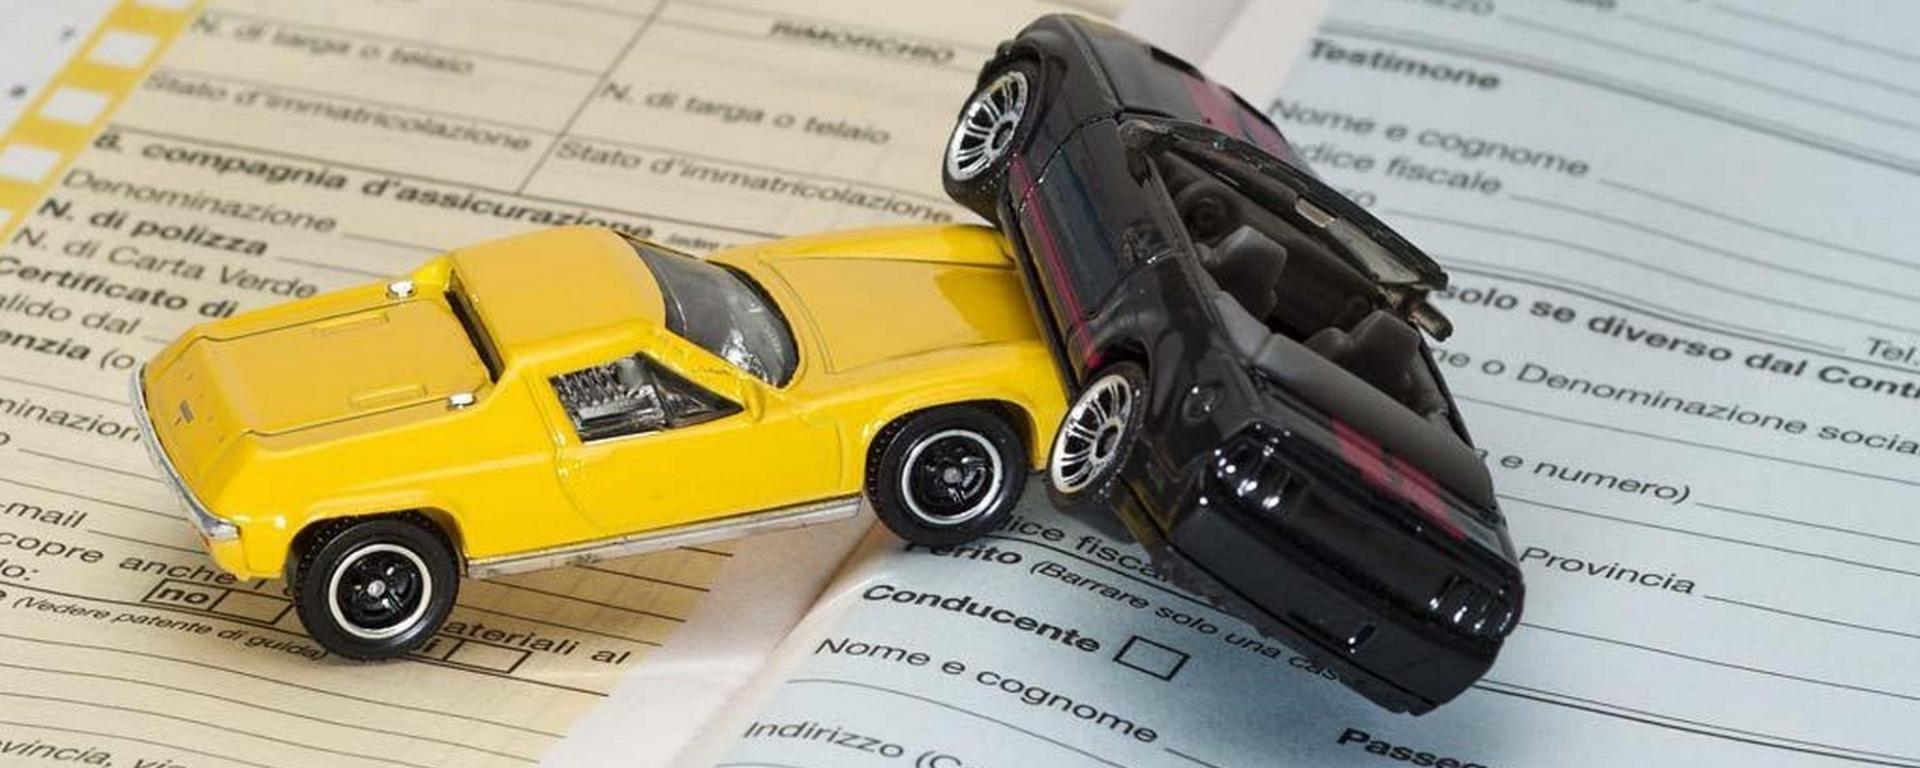 Preventivi assicurazione: come risparmiare sull' RC Auto senza rinunciare a coperture importanti